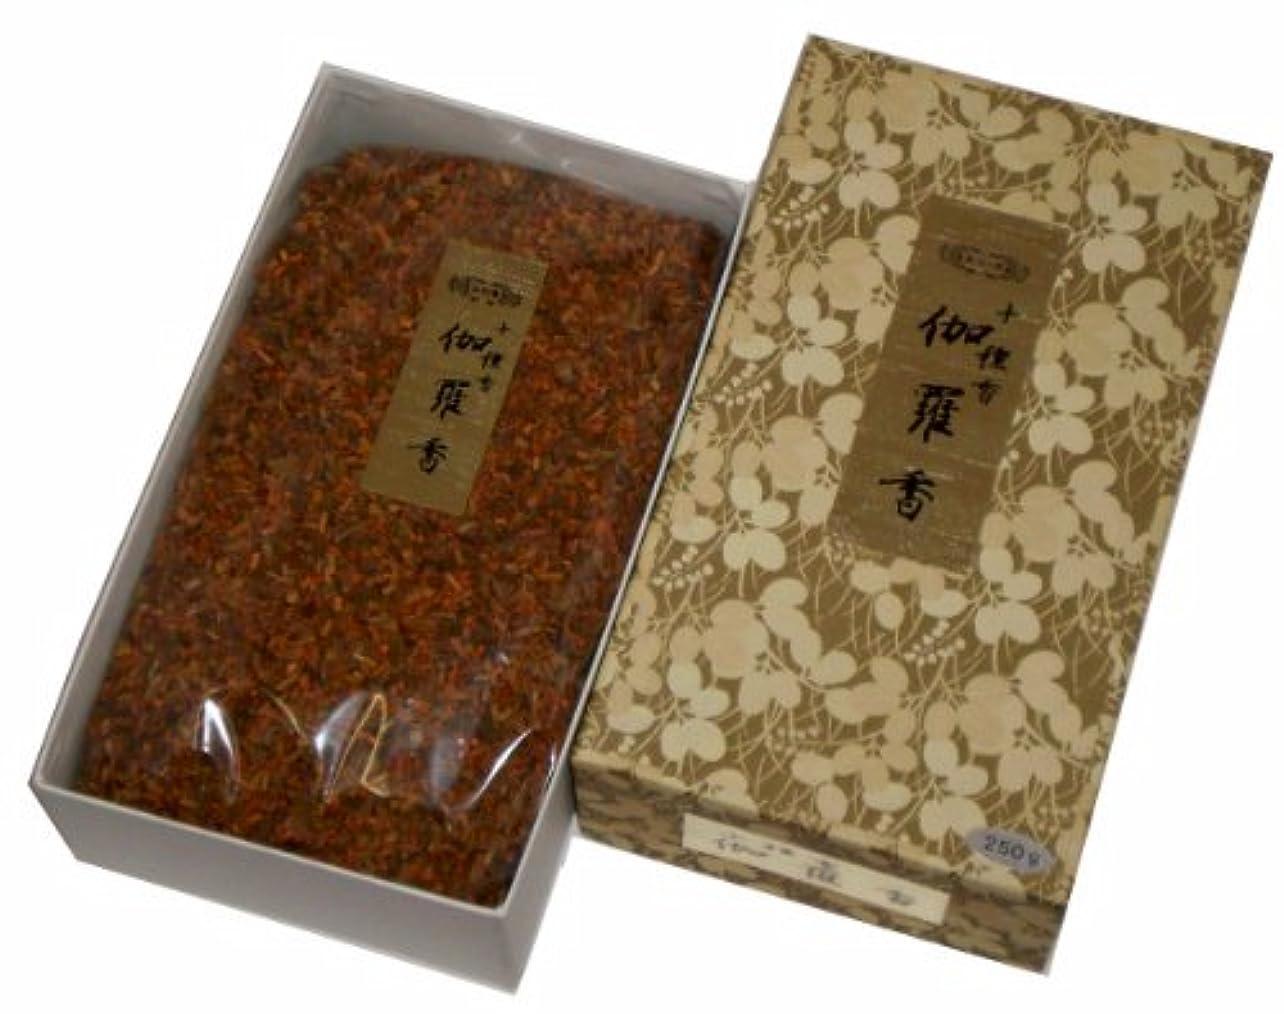 許す食料品店キリスト教玉初堂のお香 伽羅香 250g #532